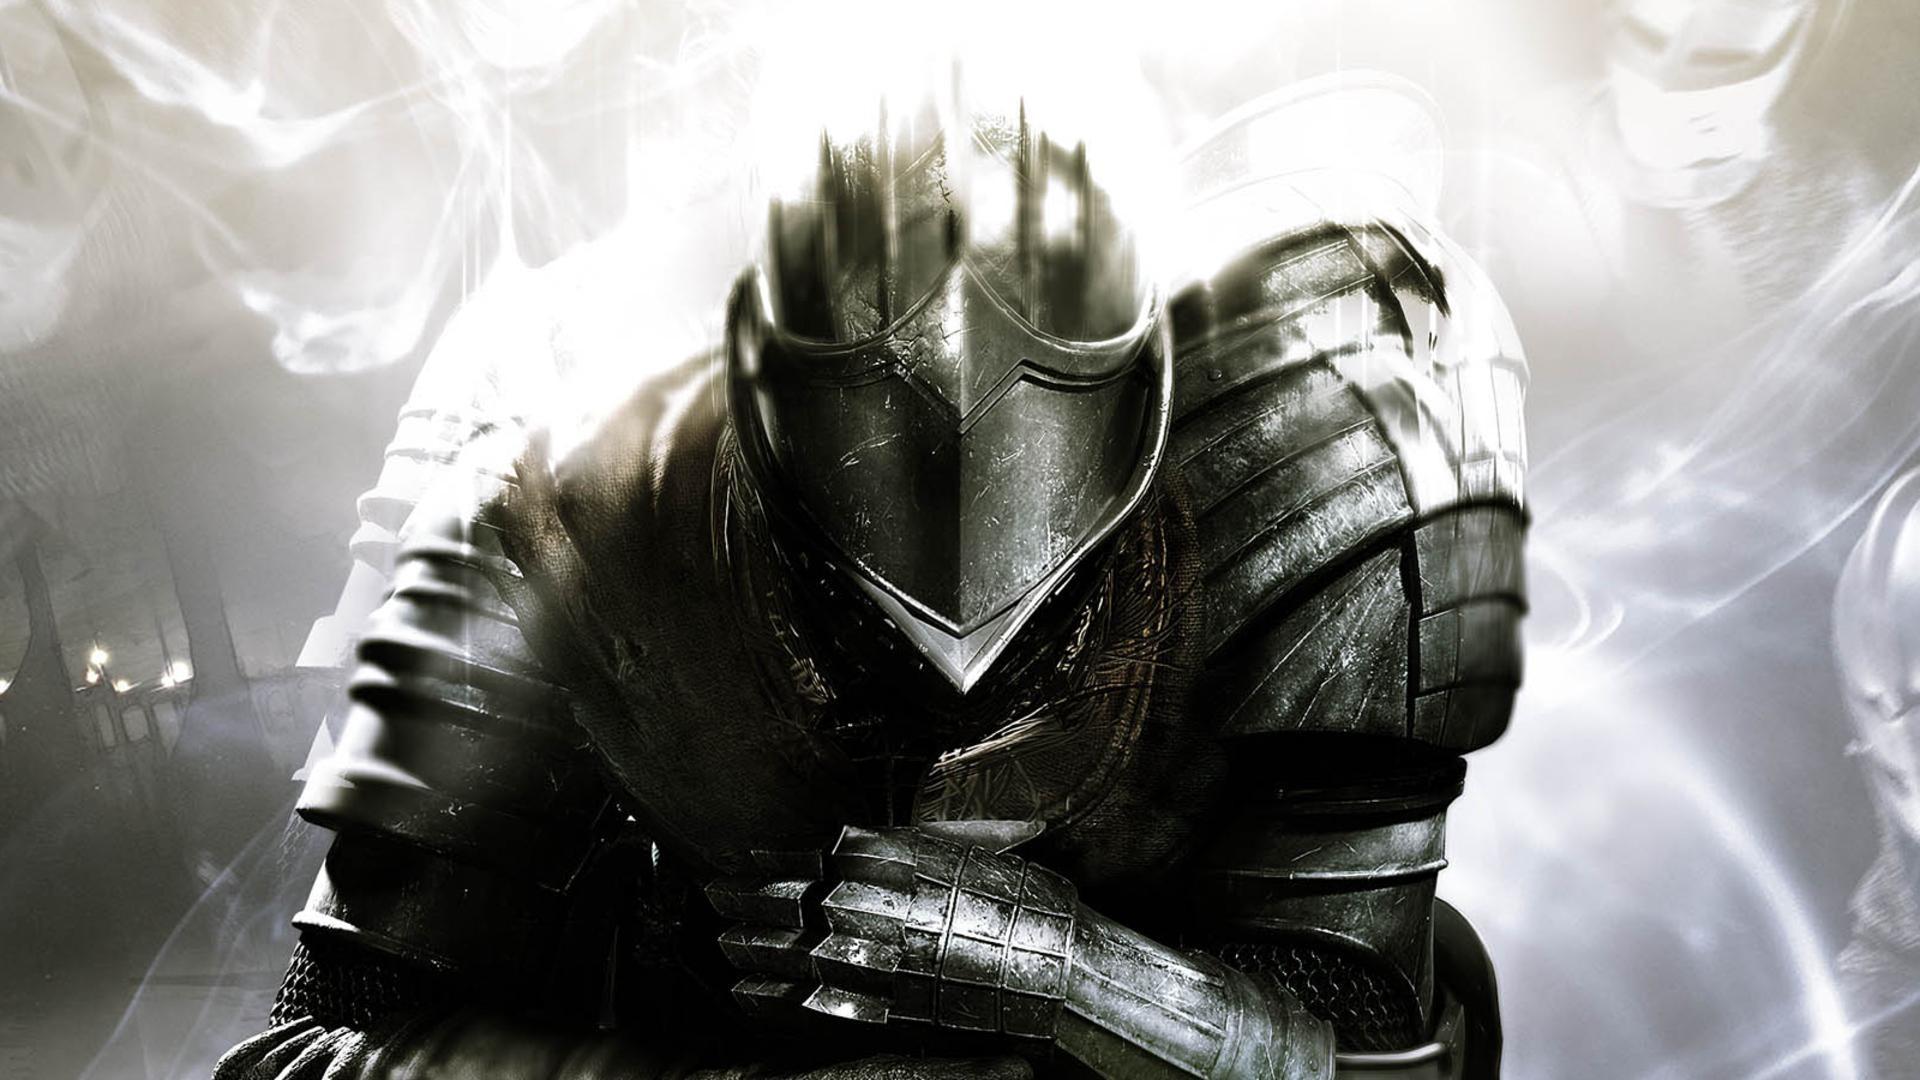 Dark Souls Elite Knight Wallpaper